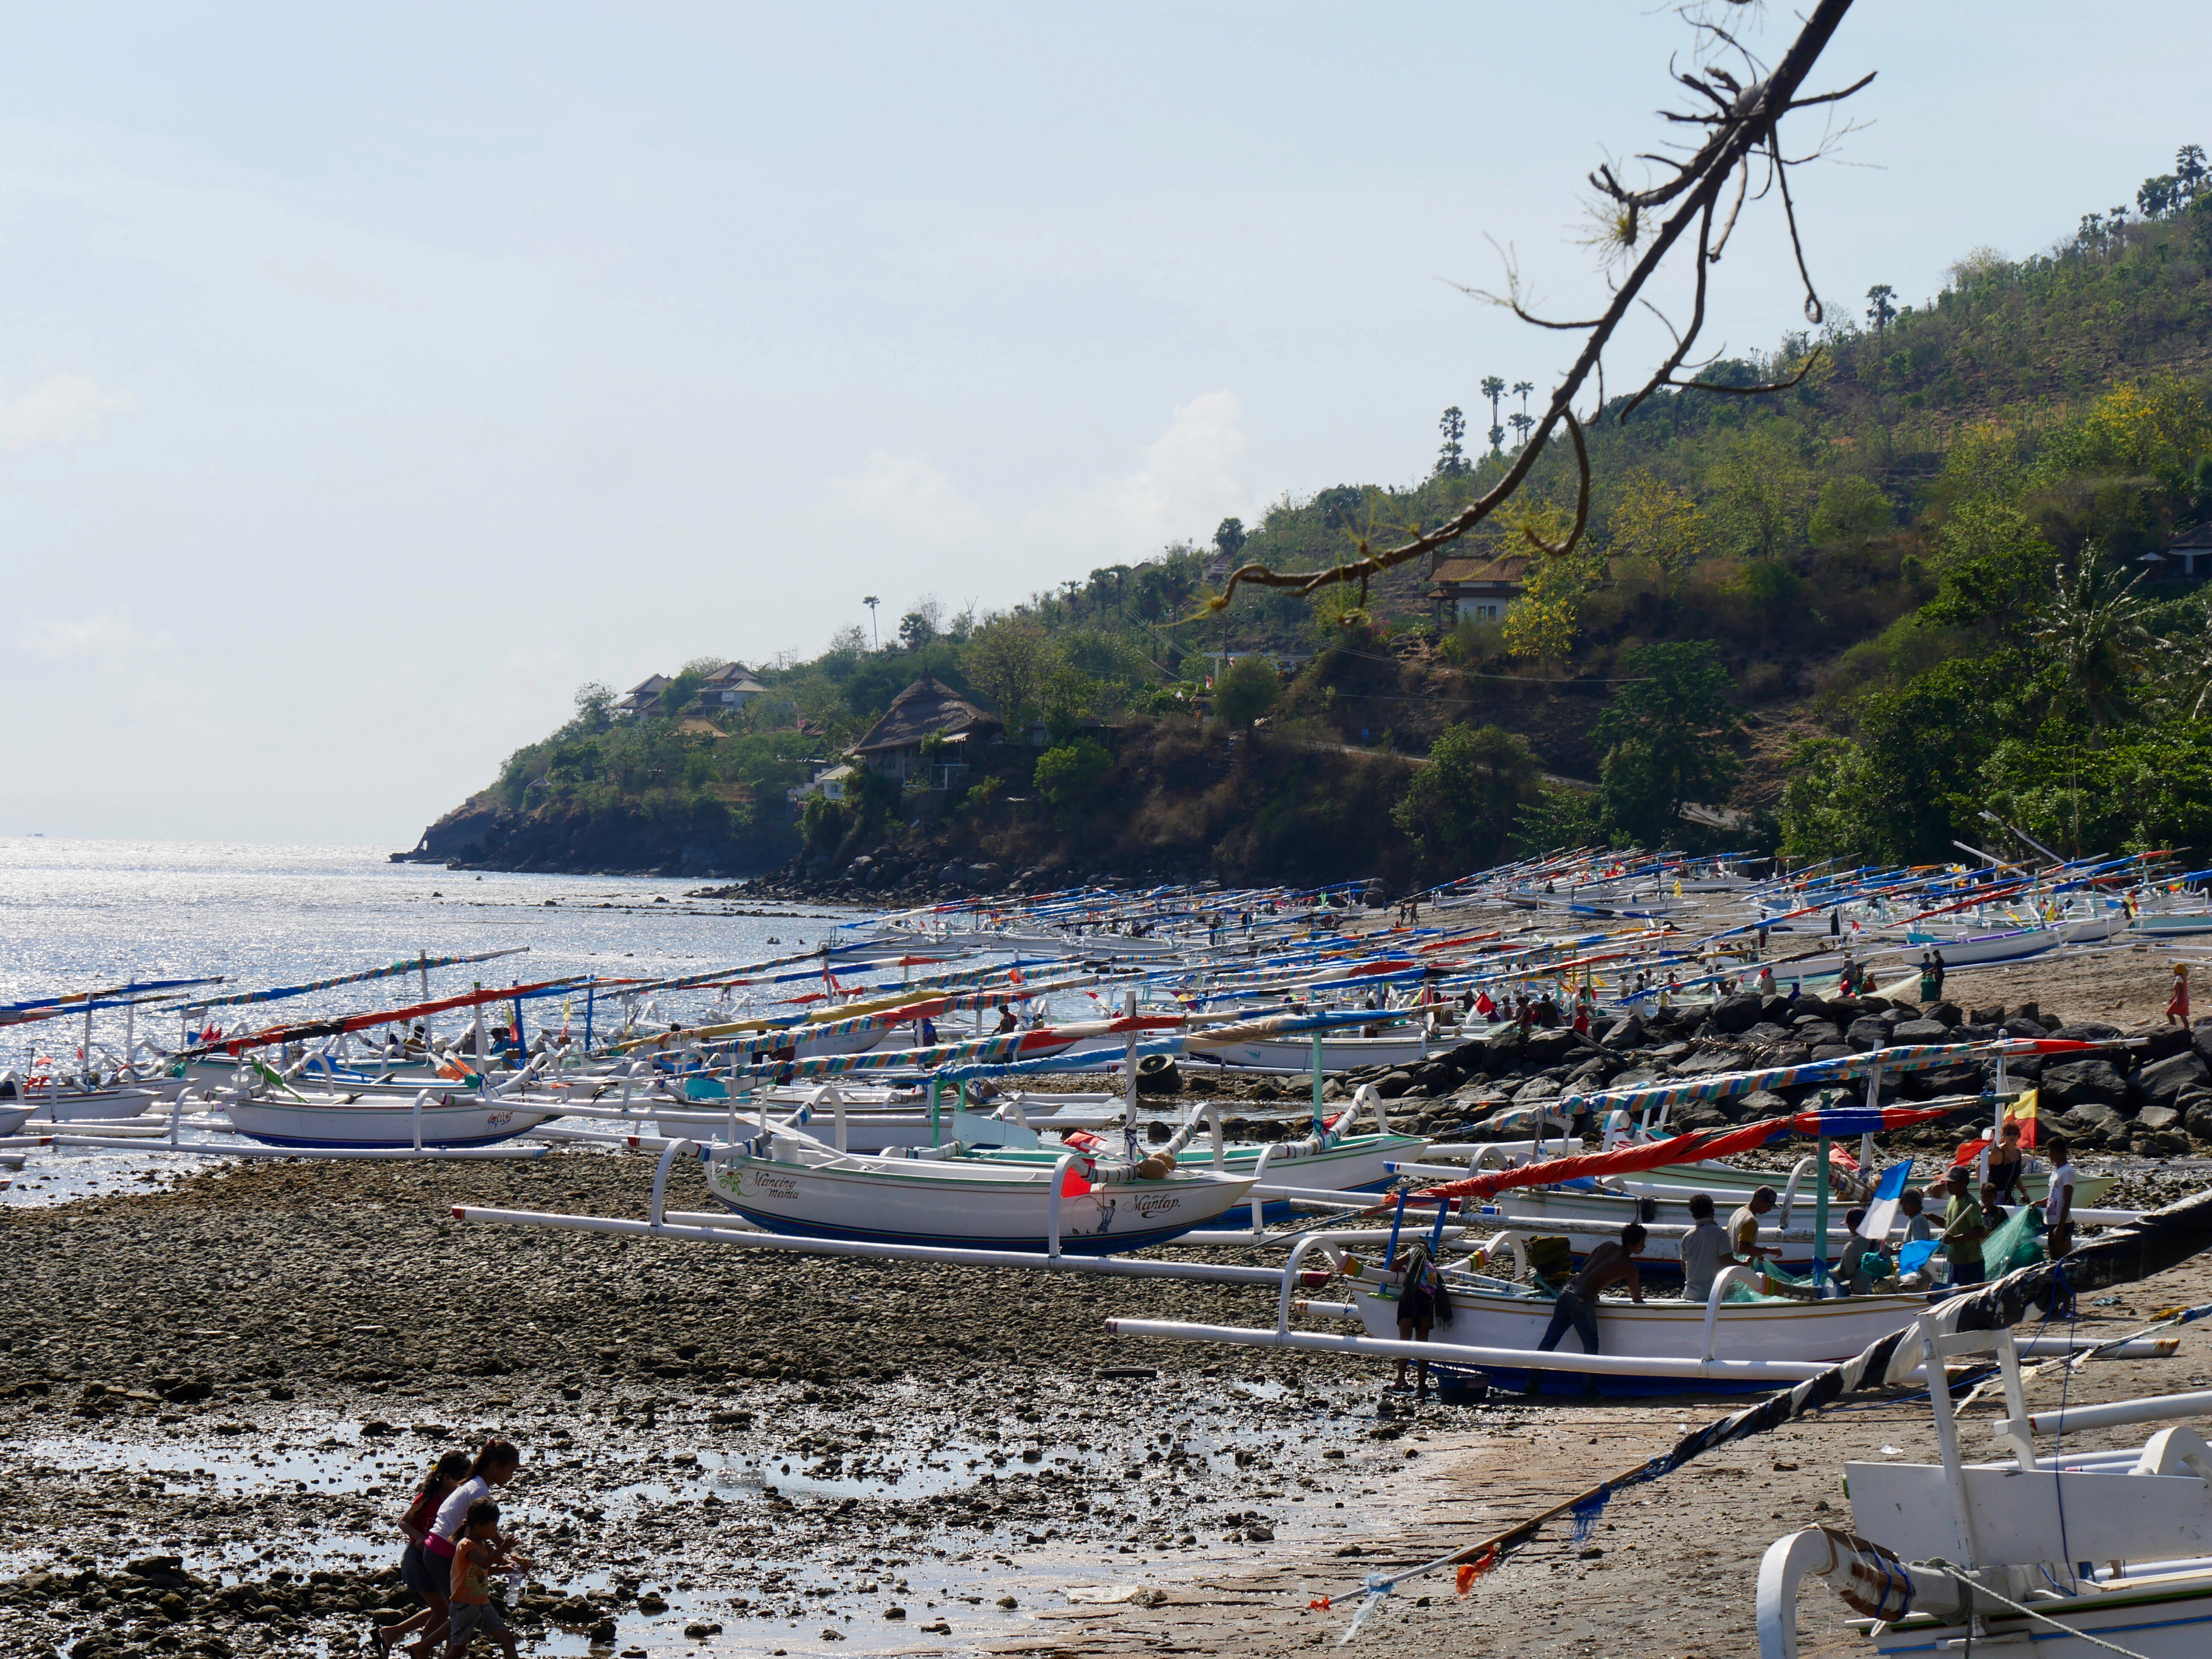 Kabupaten Lombok Utara Indonesia Polarsteps Pulau Gili Trawangan Kab